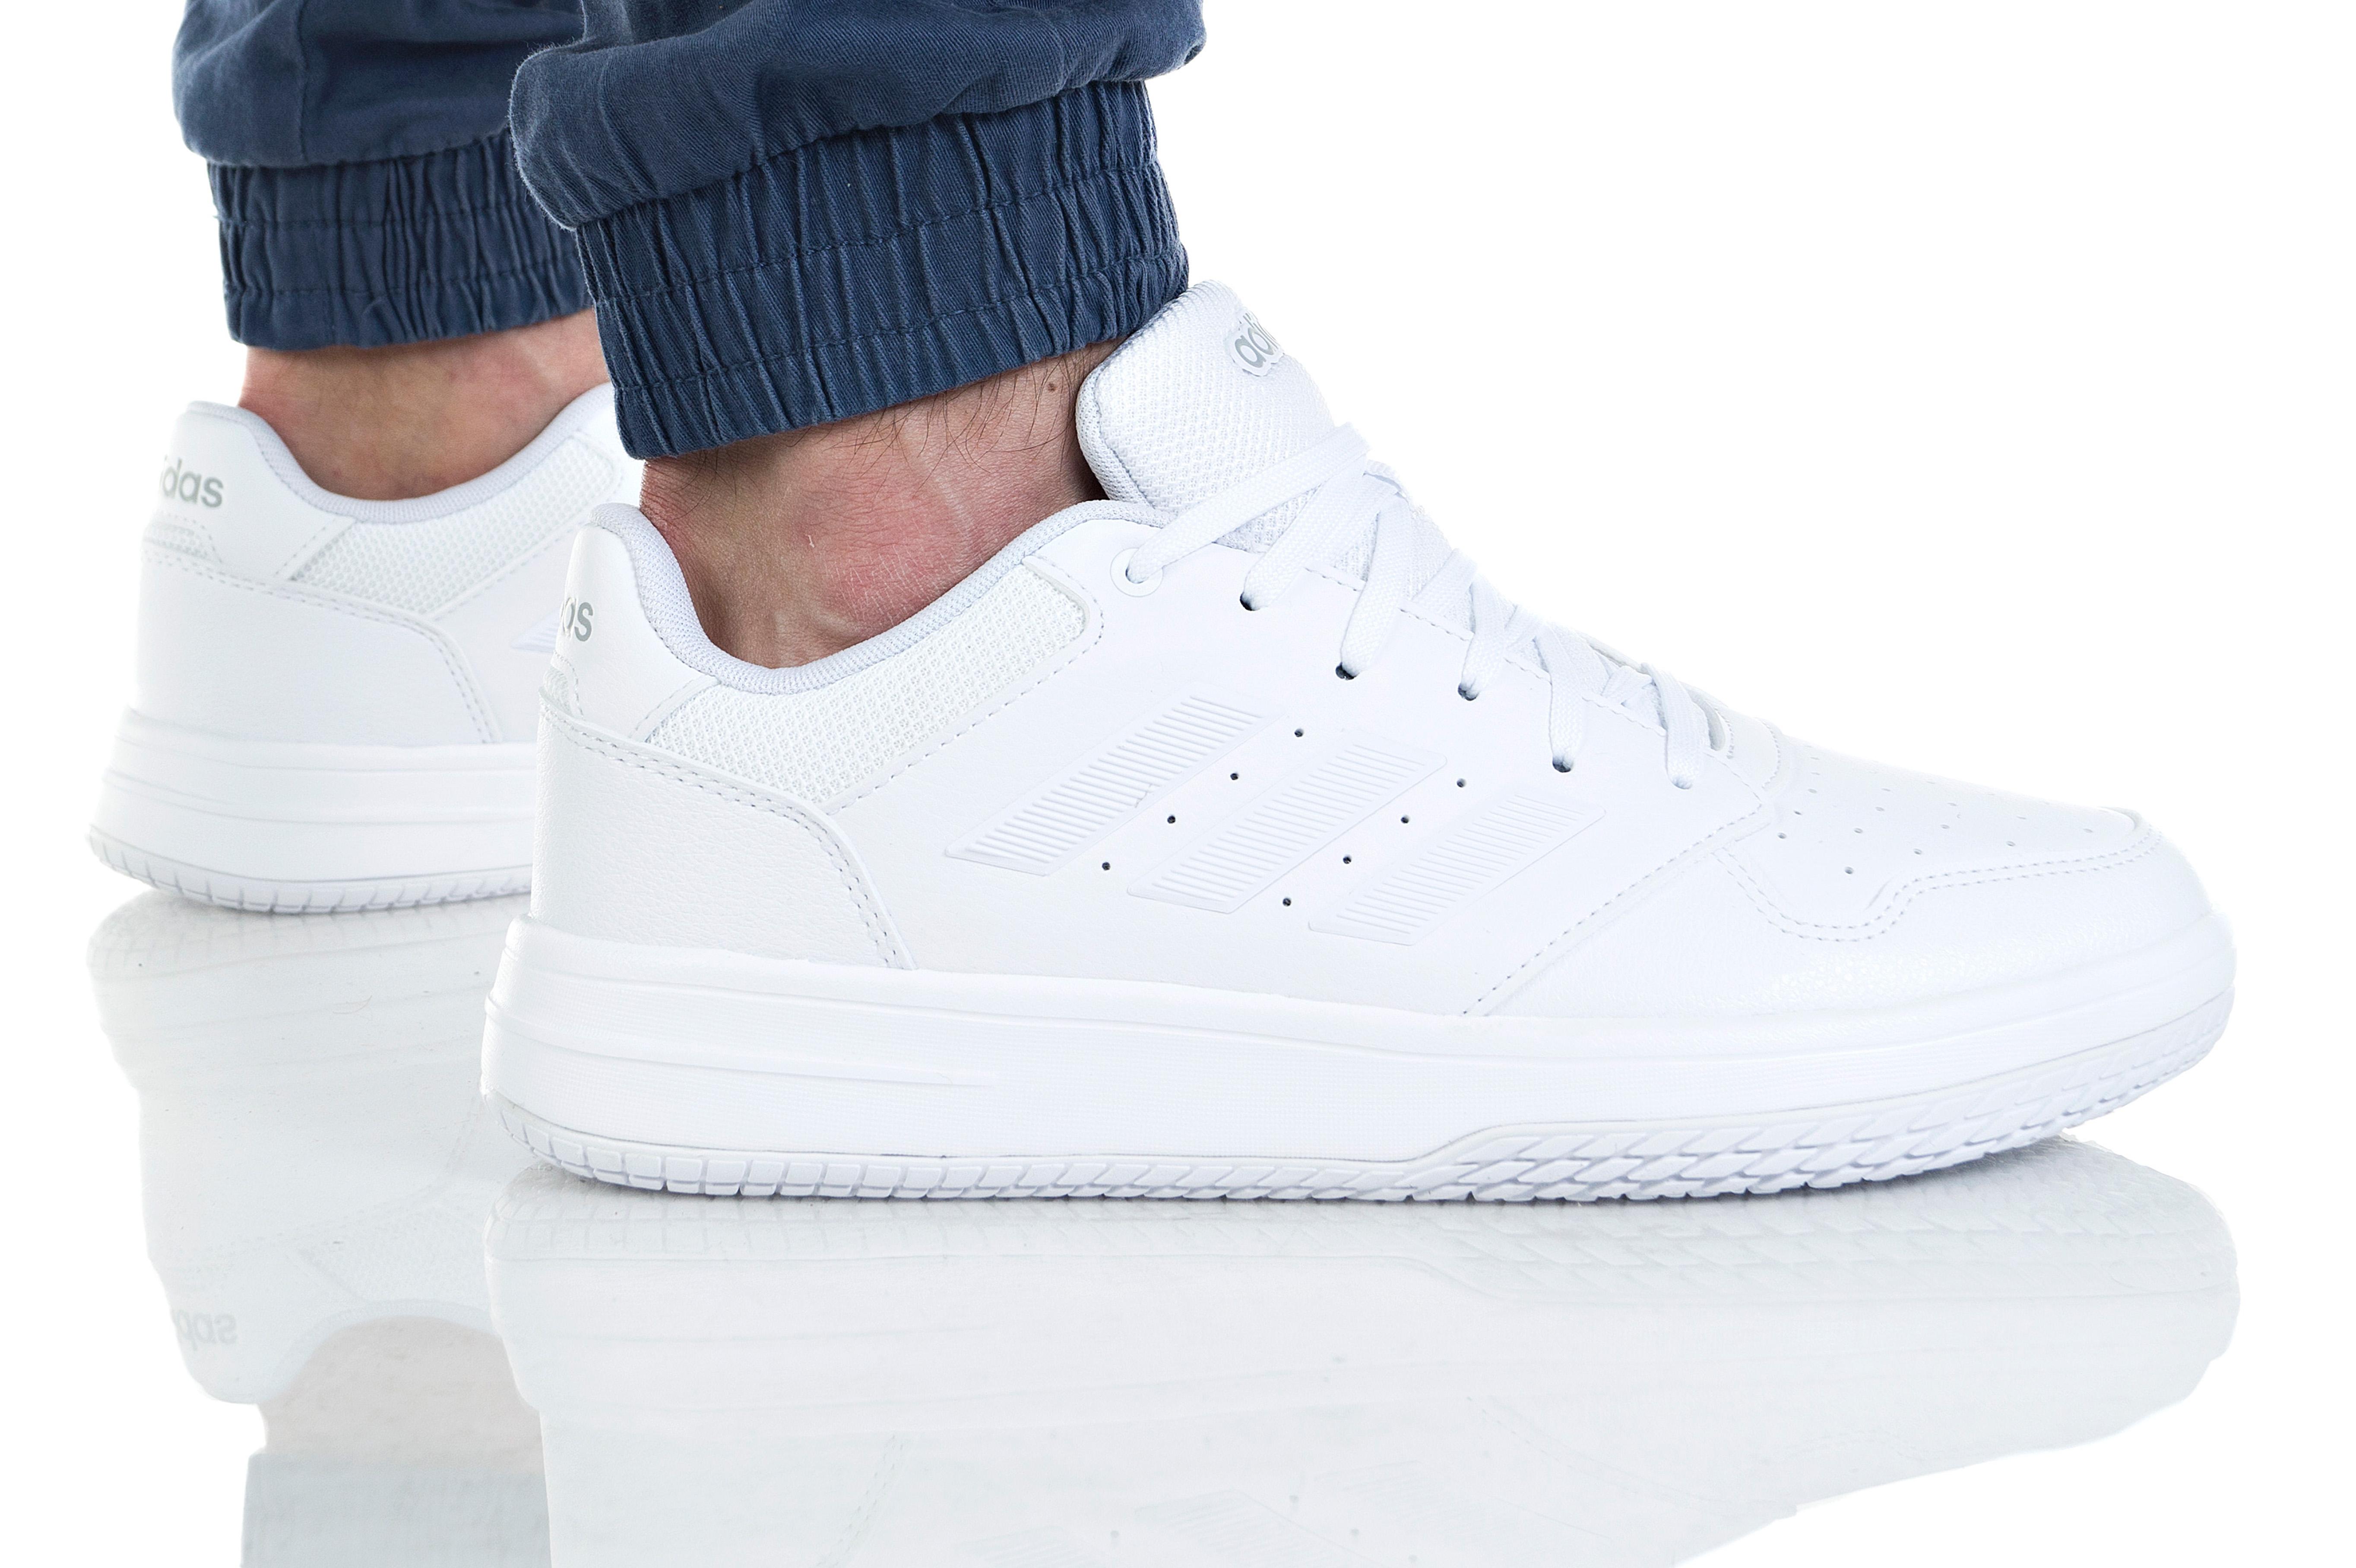 נעליים אדידס לגברים Adidas GAMETALKER - לבן